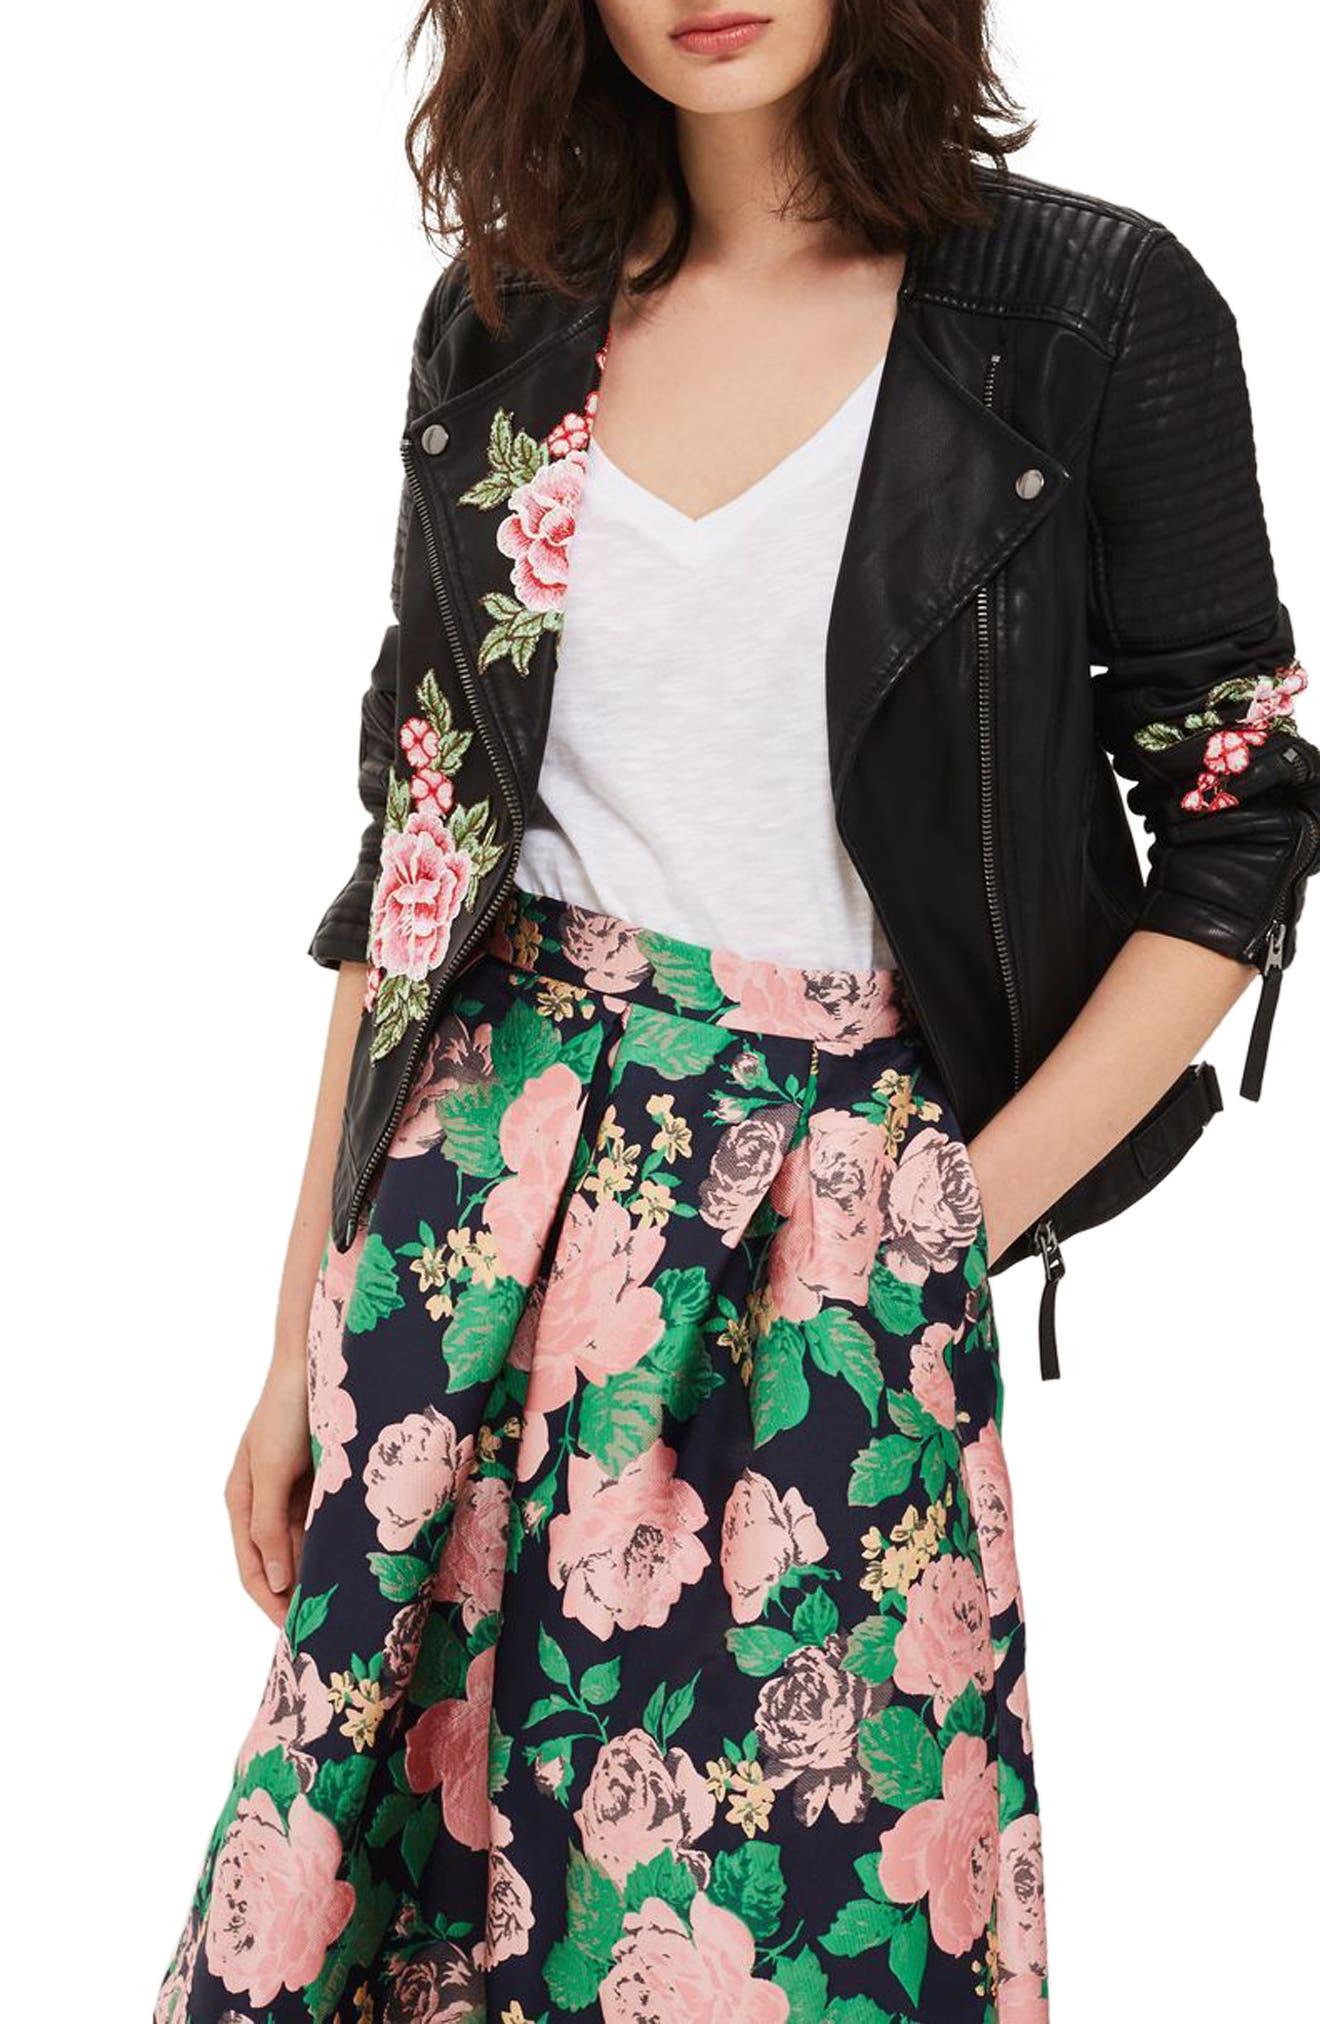 Luna Floral Patch Faux Leather Biker Jacket,                         Main,                         color, Black